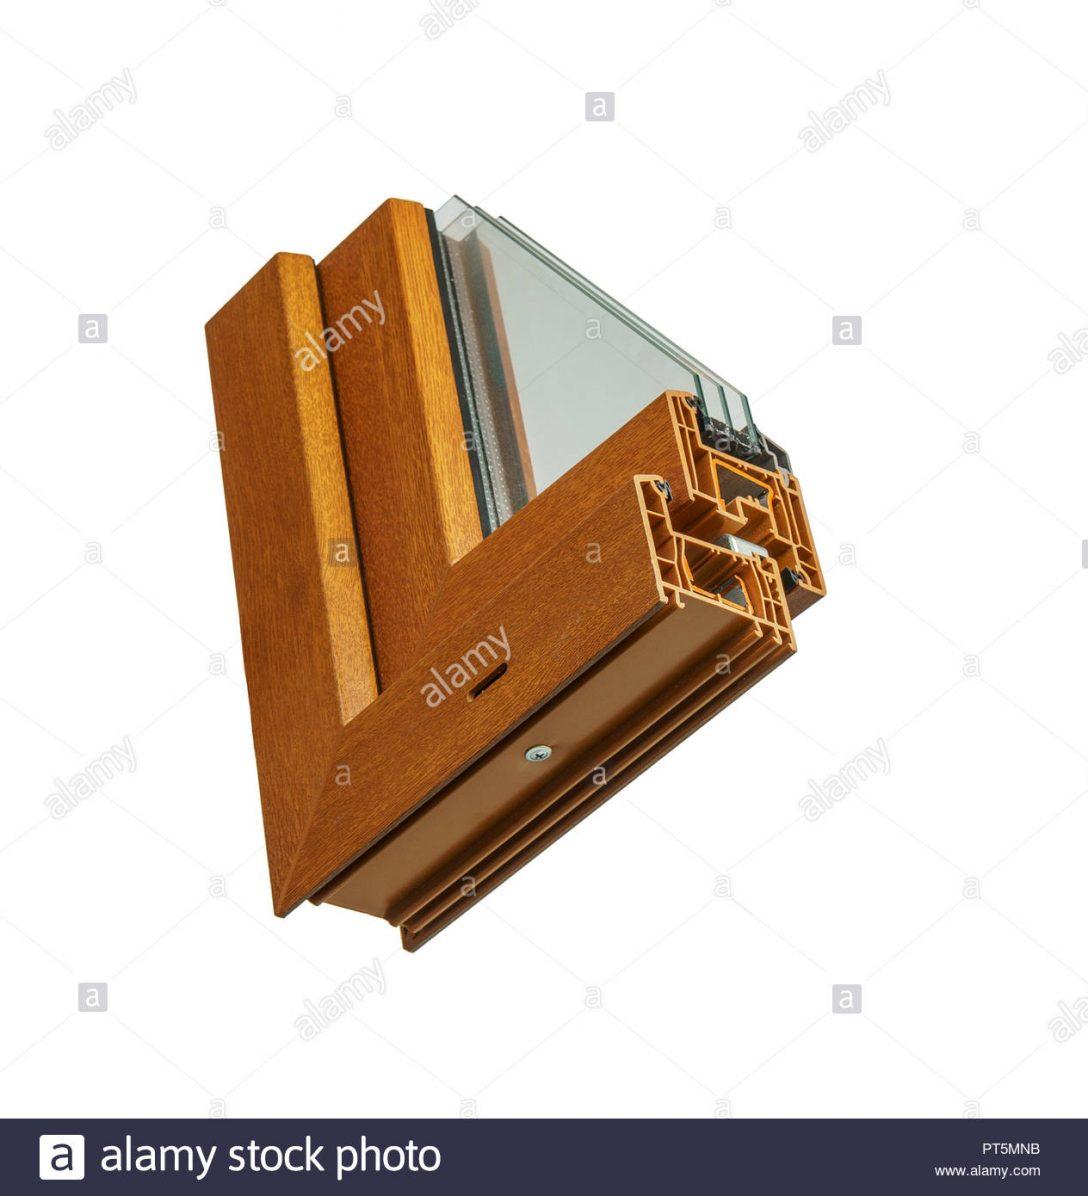 Large Size of Fenster Dreifachverglasung Mit Und Holzrahmen Einbruchsicher Nachrüsten Reinigen Drutex Dreh Kipp Günstige Rehau Schüco Online Sicherheitsbeschläge Fenster Fenster Dreifachverglasung